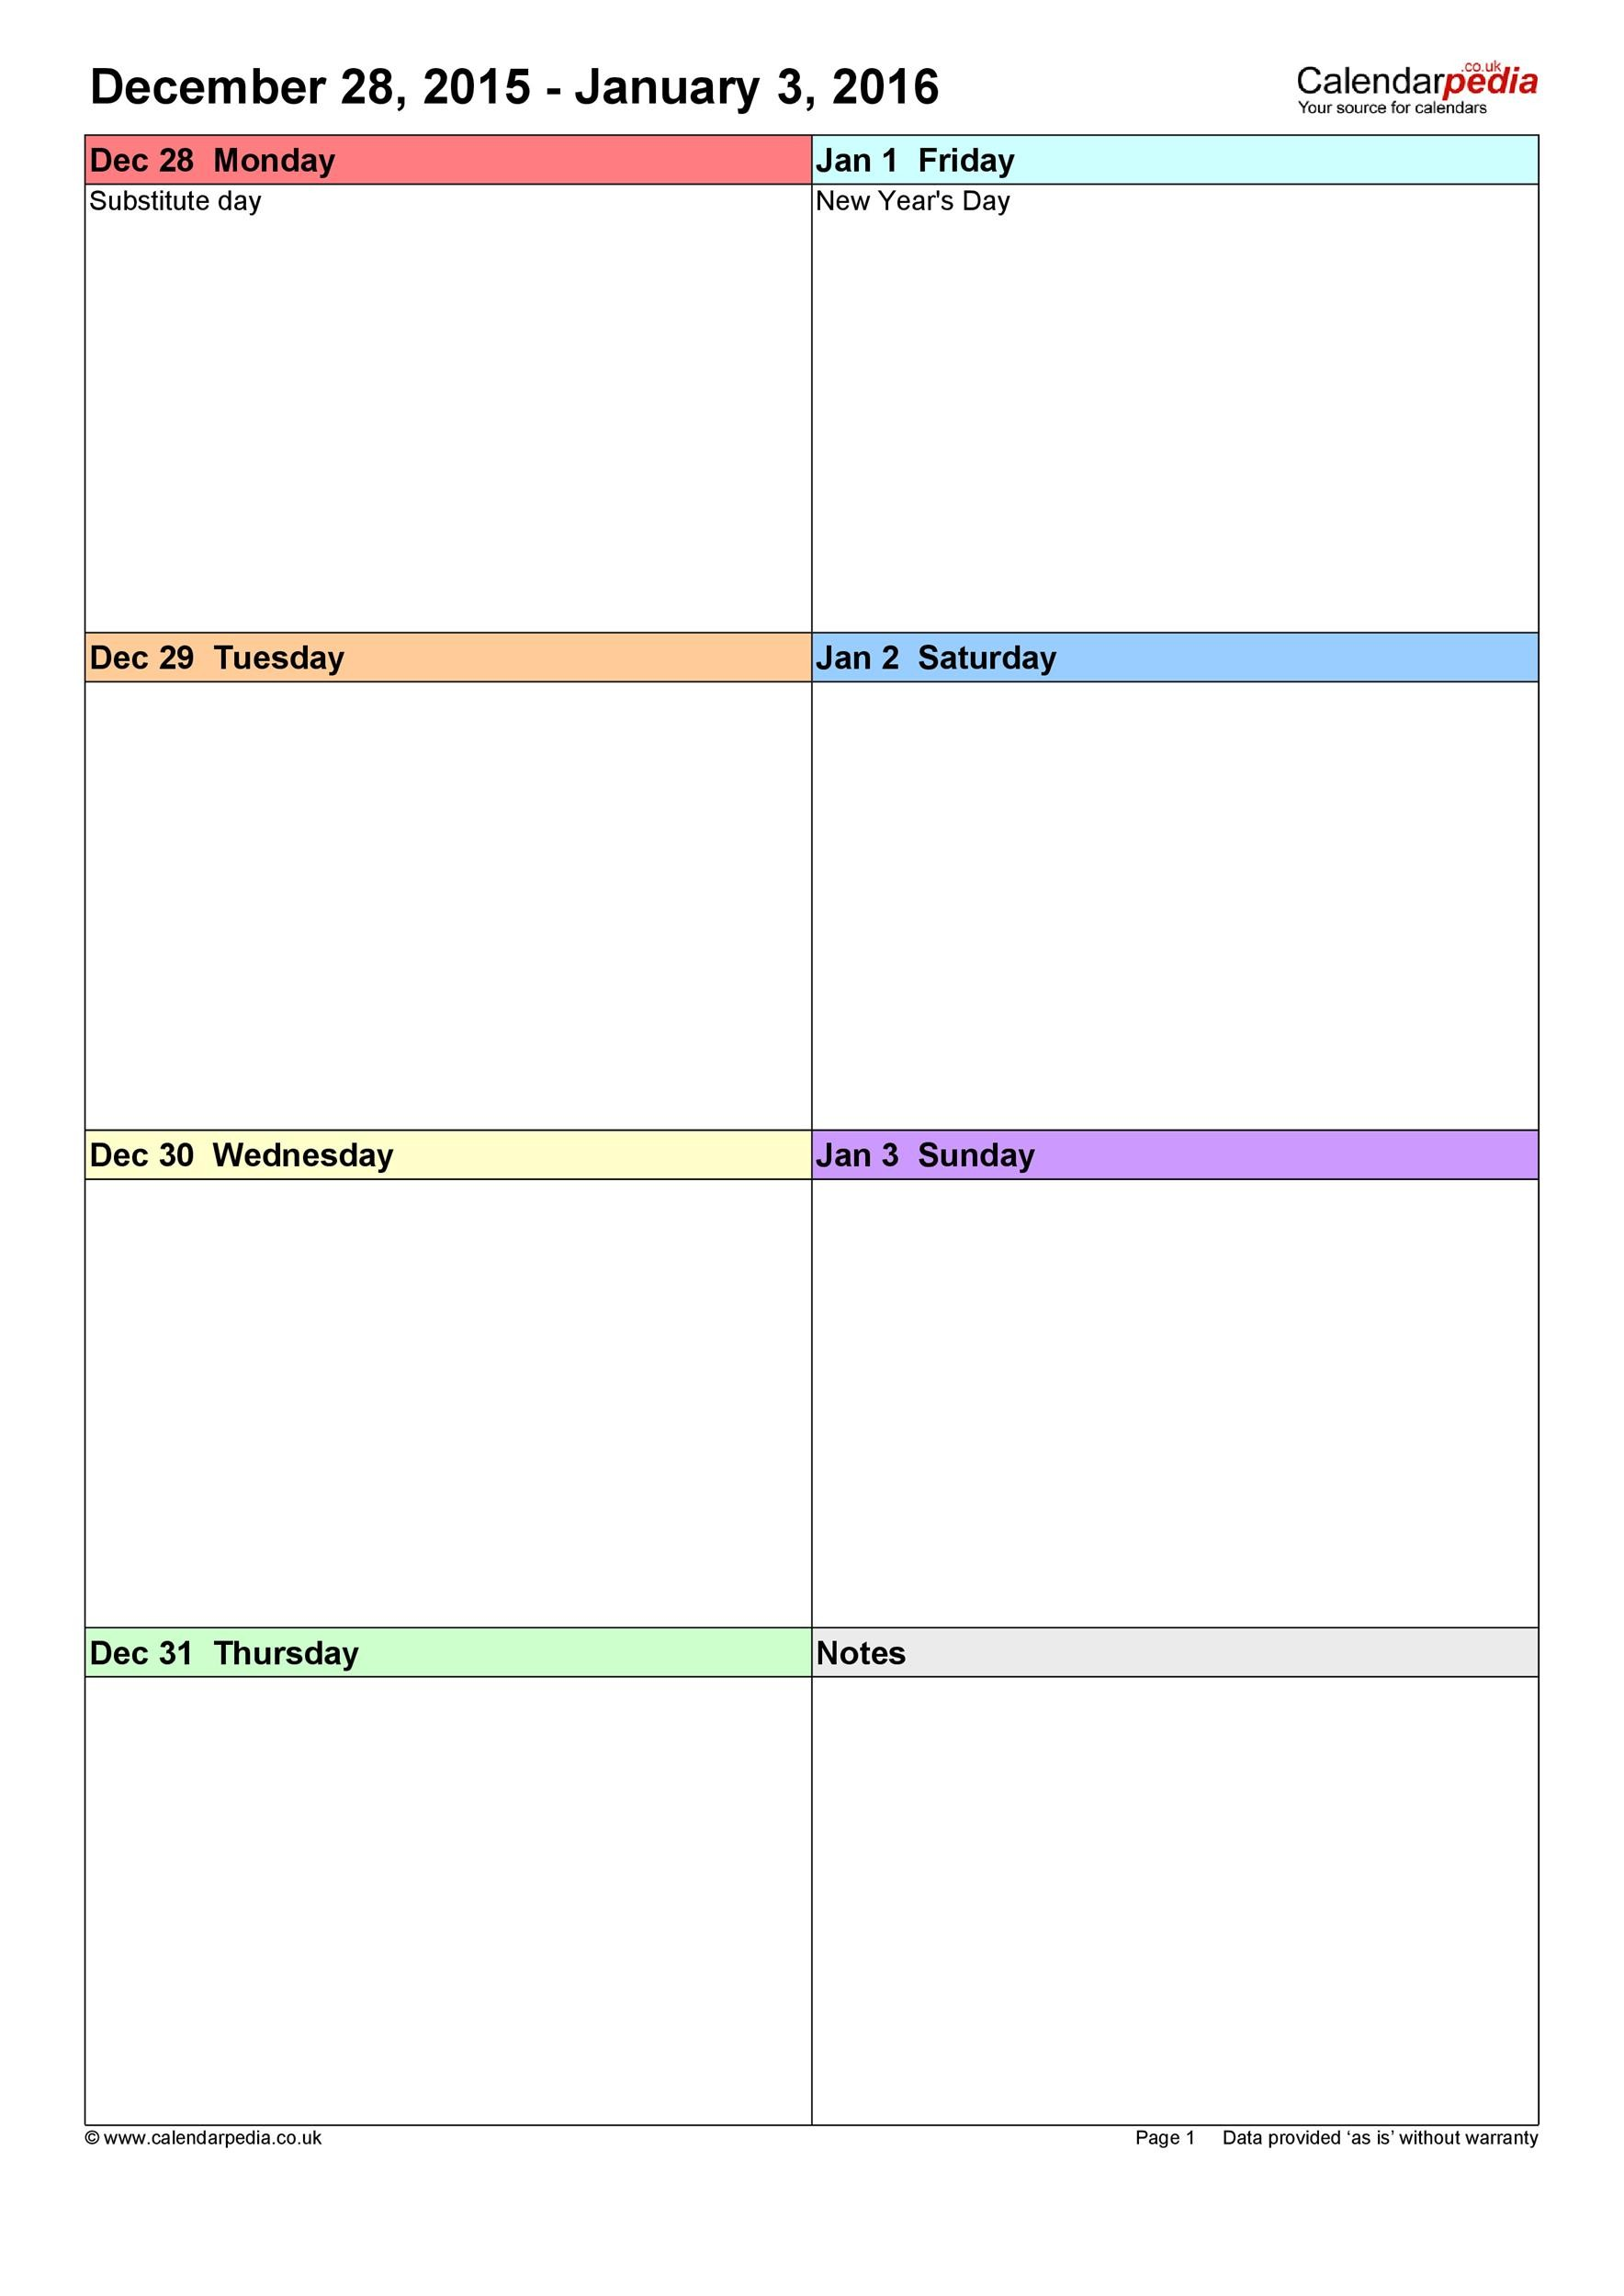 Free weekly calendar template 05